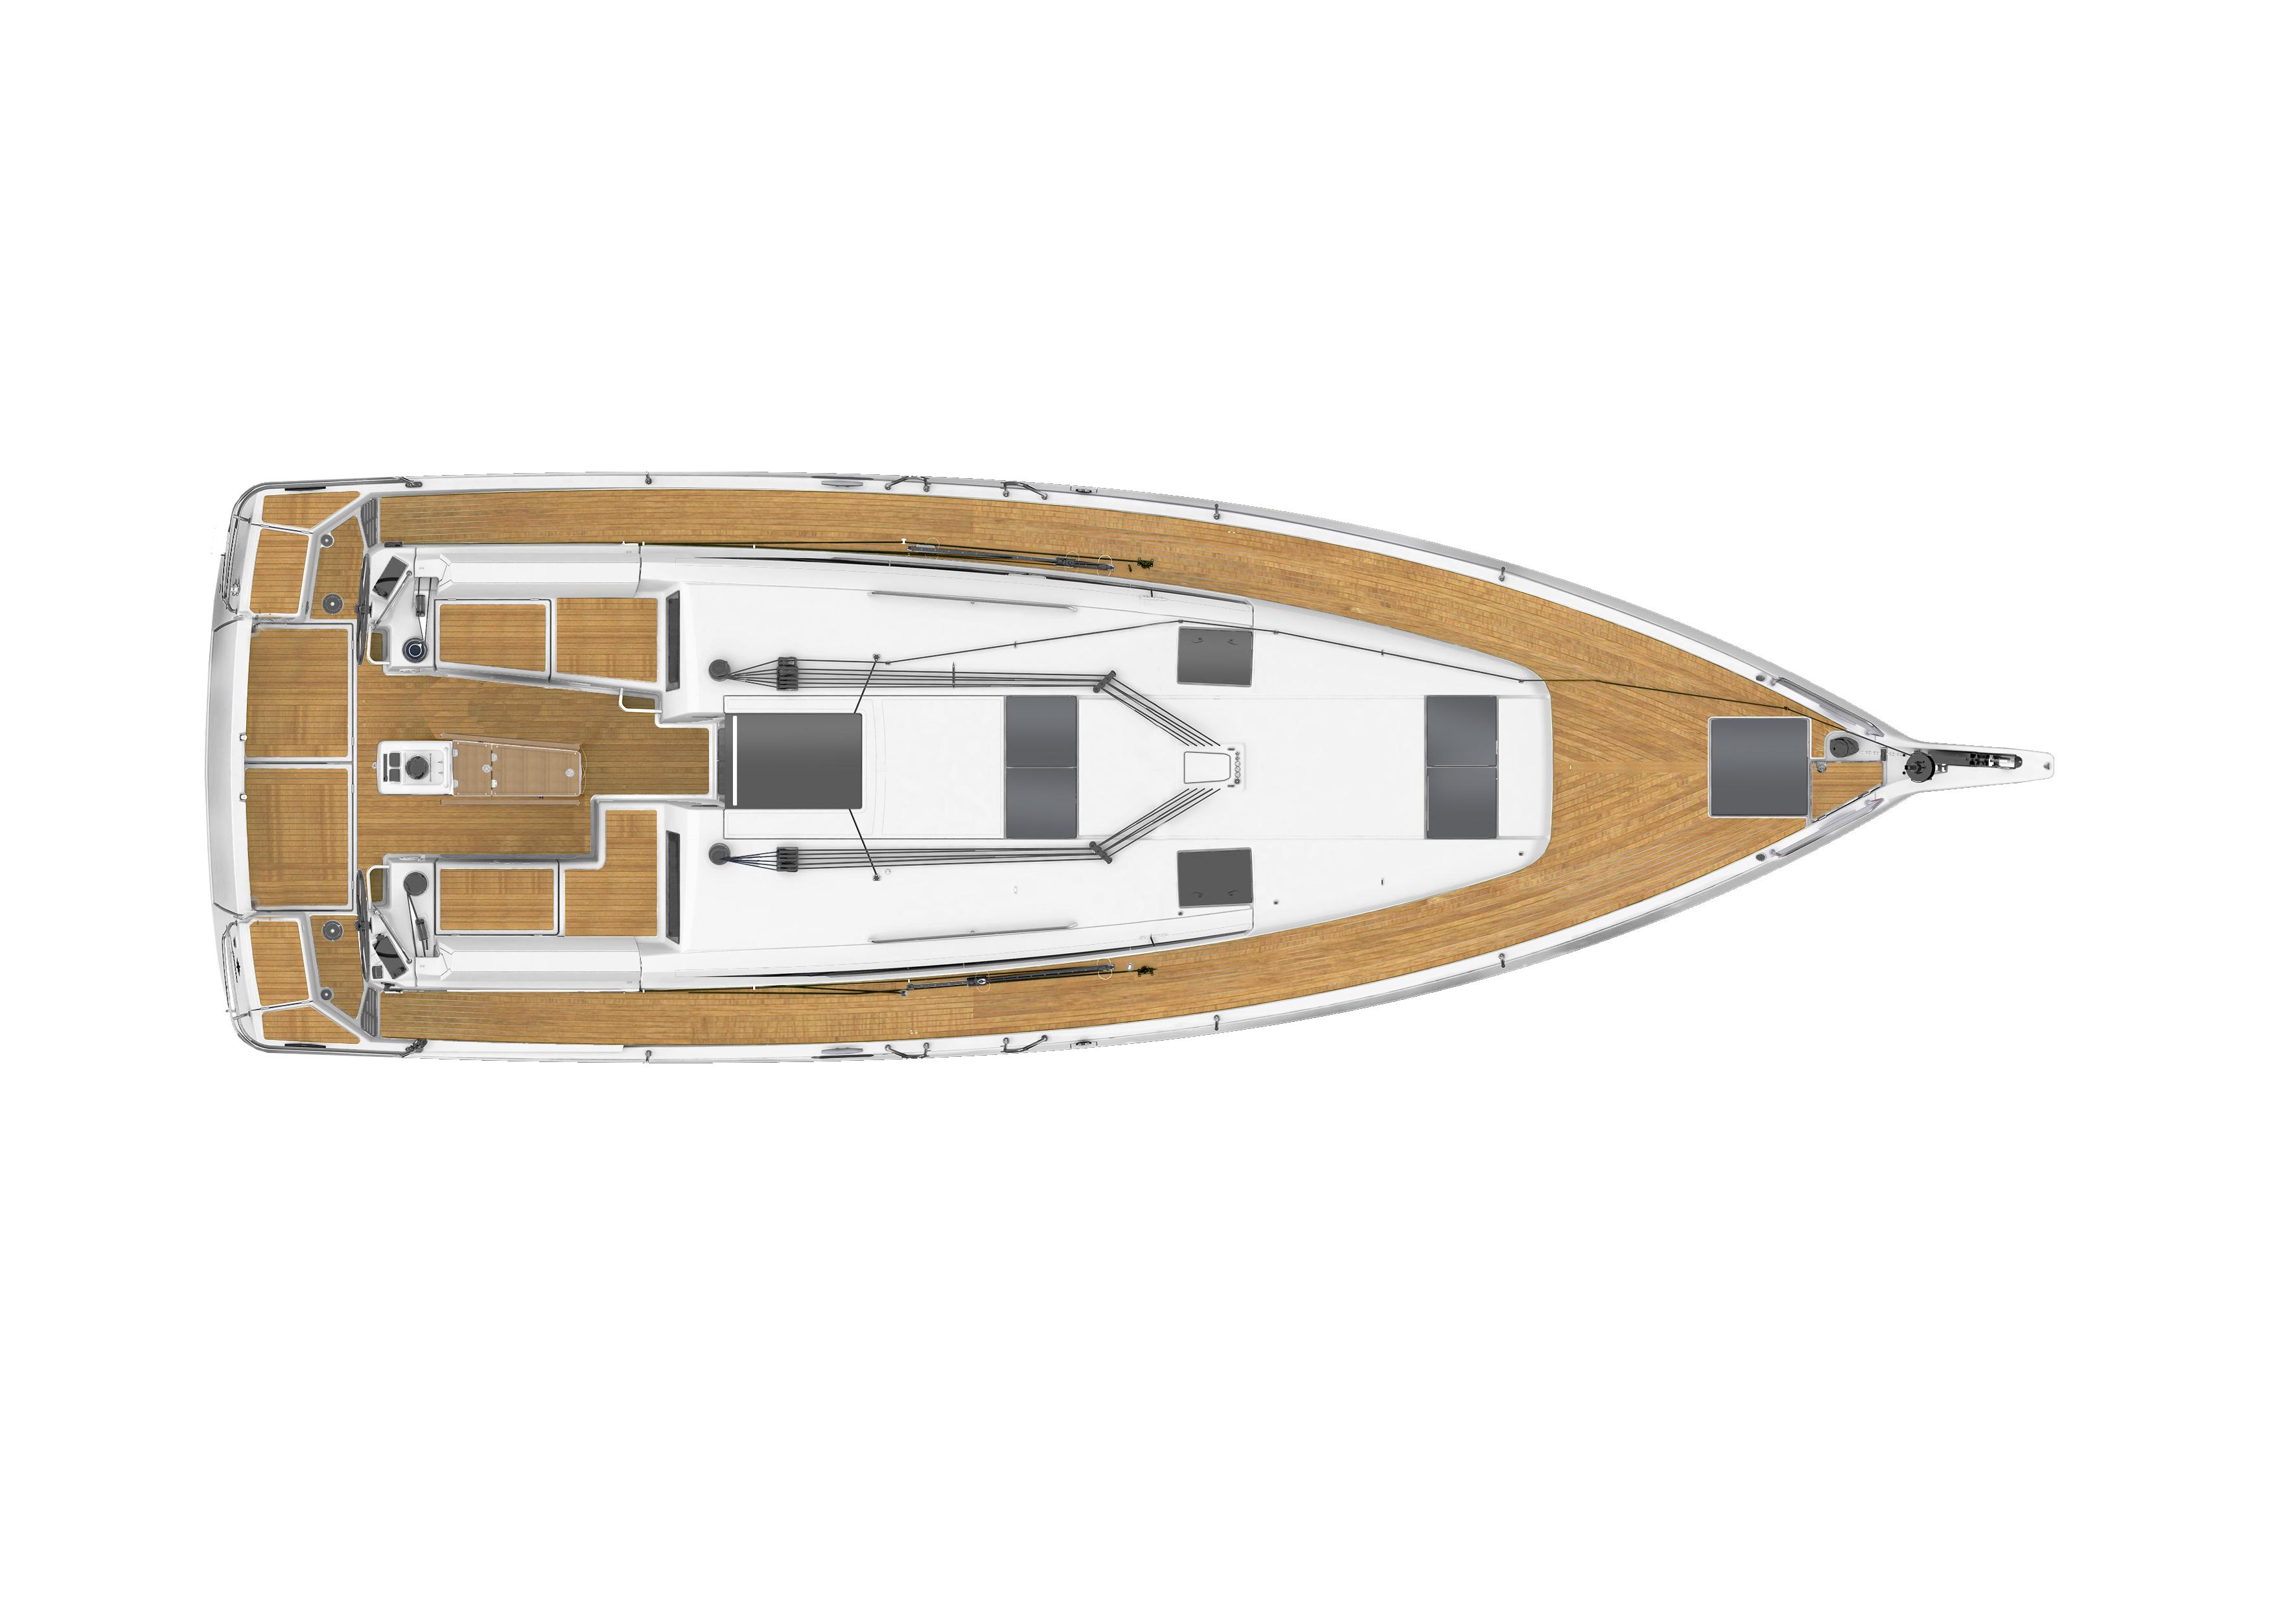 Jeanneau Sun Odyssey 440 For Sale - Jeanneau Main Dealer